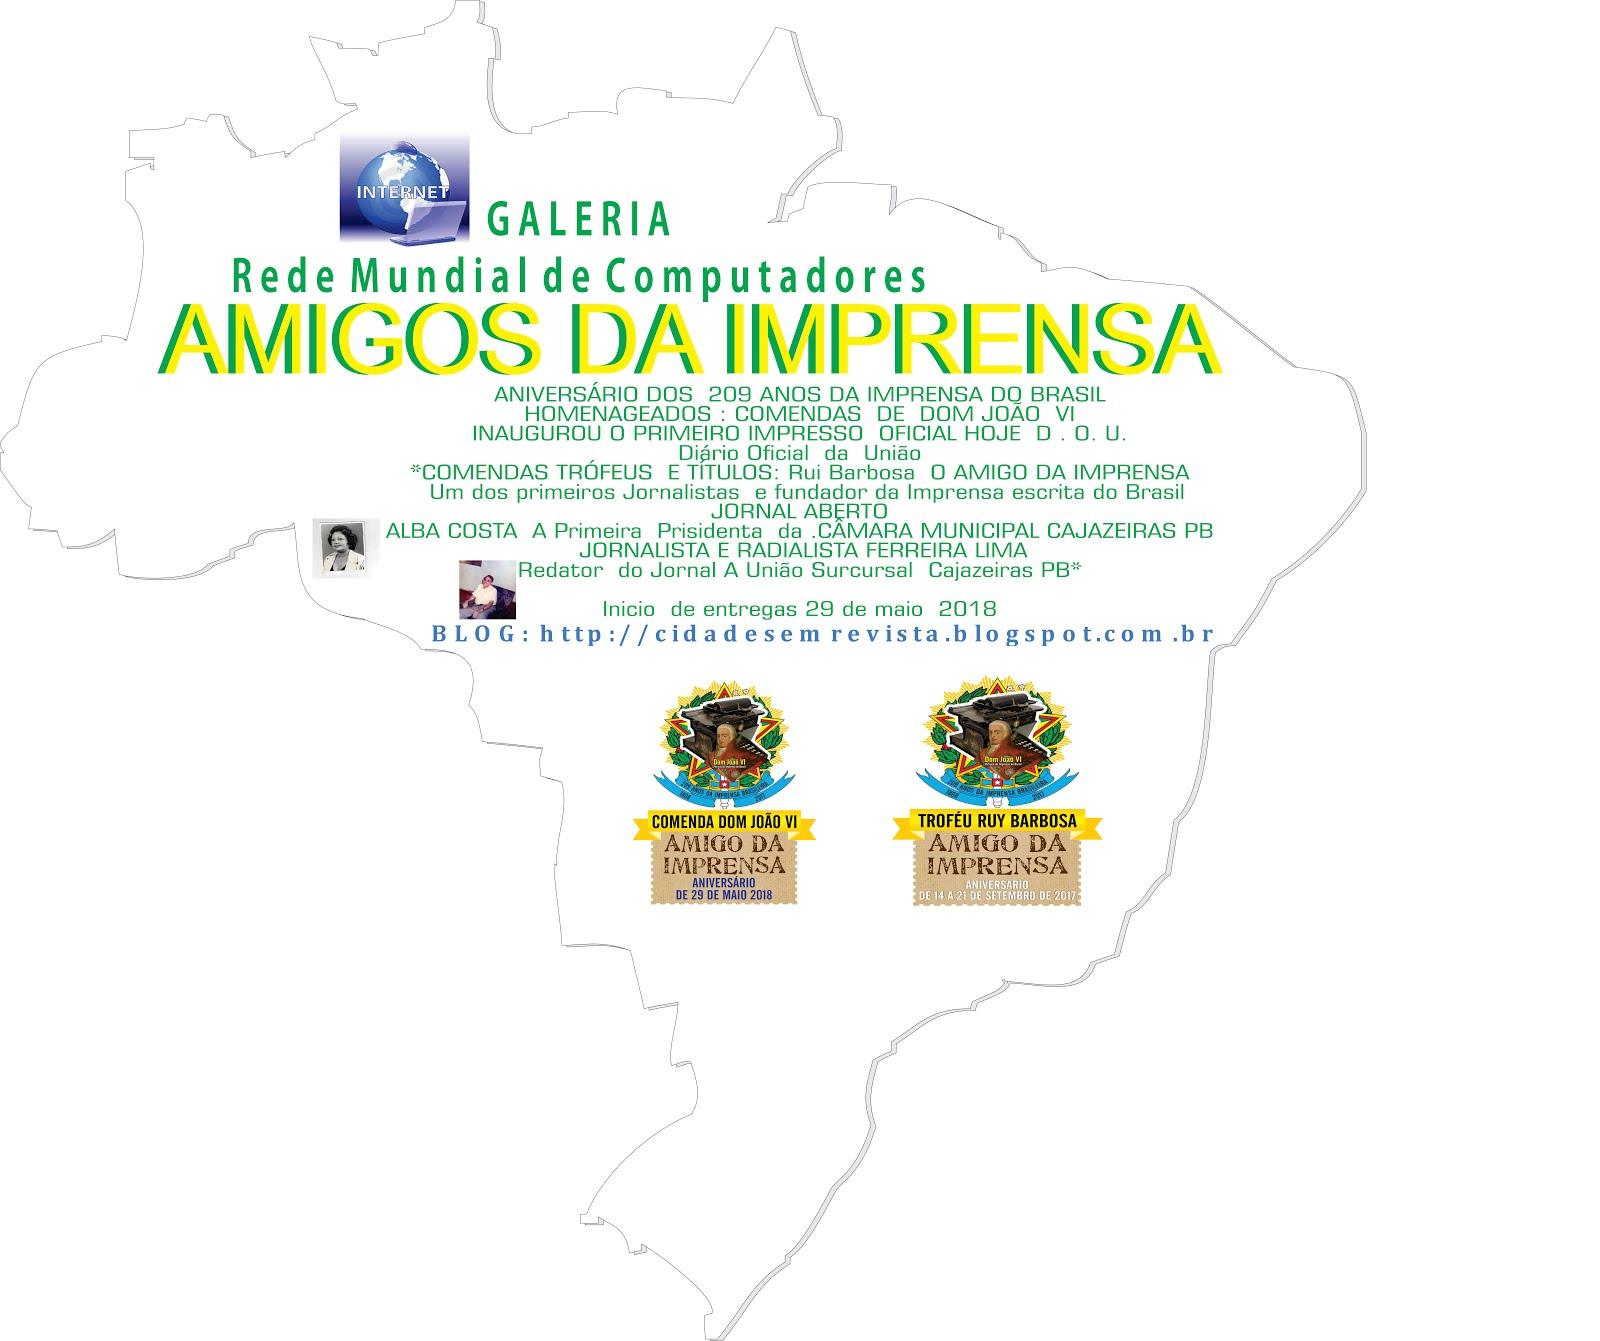 MODELO  DAS COMENDAS O AMIGO  DA IMPRENSA  209 ANOS NO BRASIL